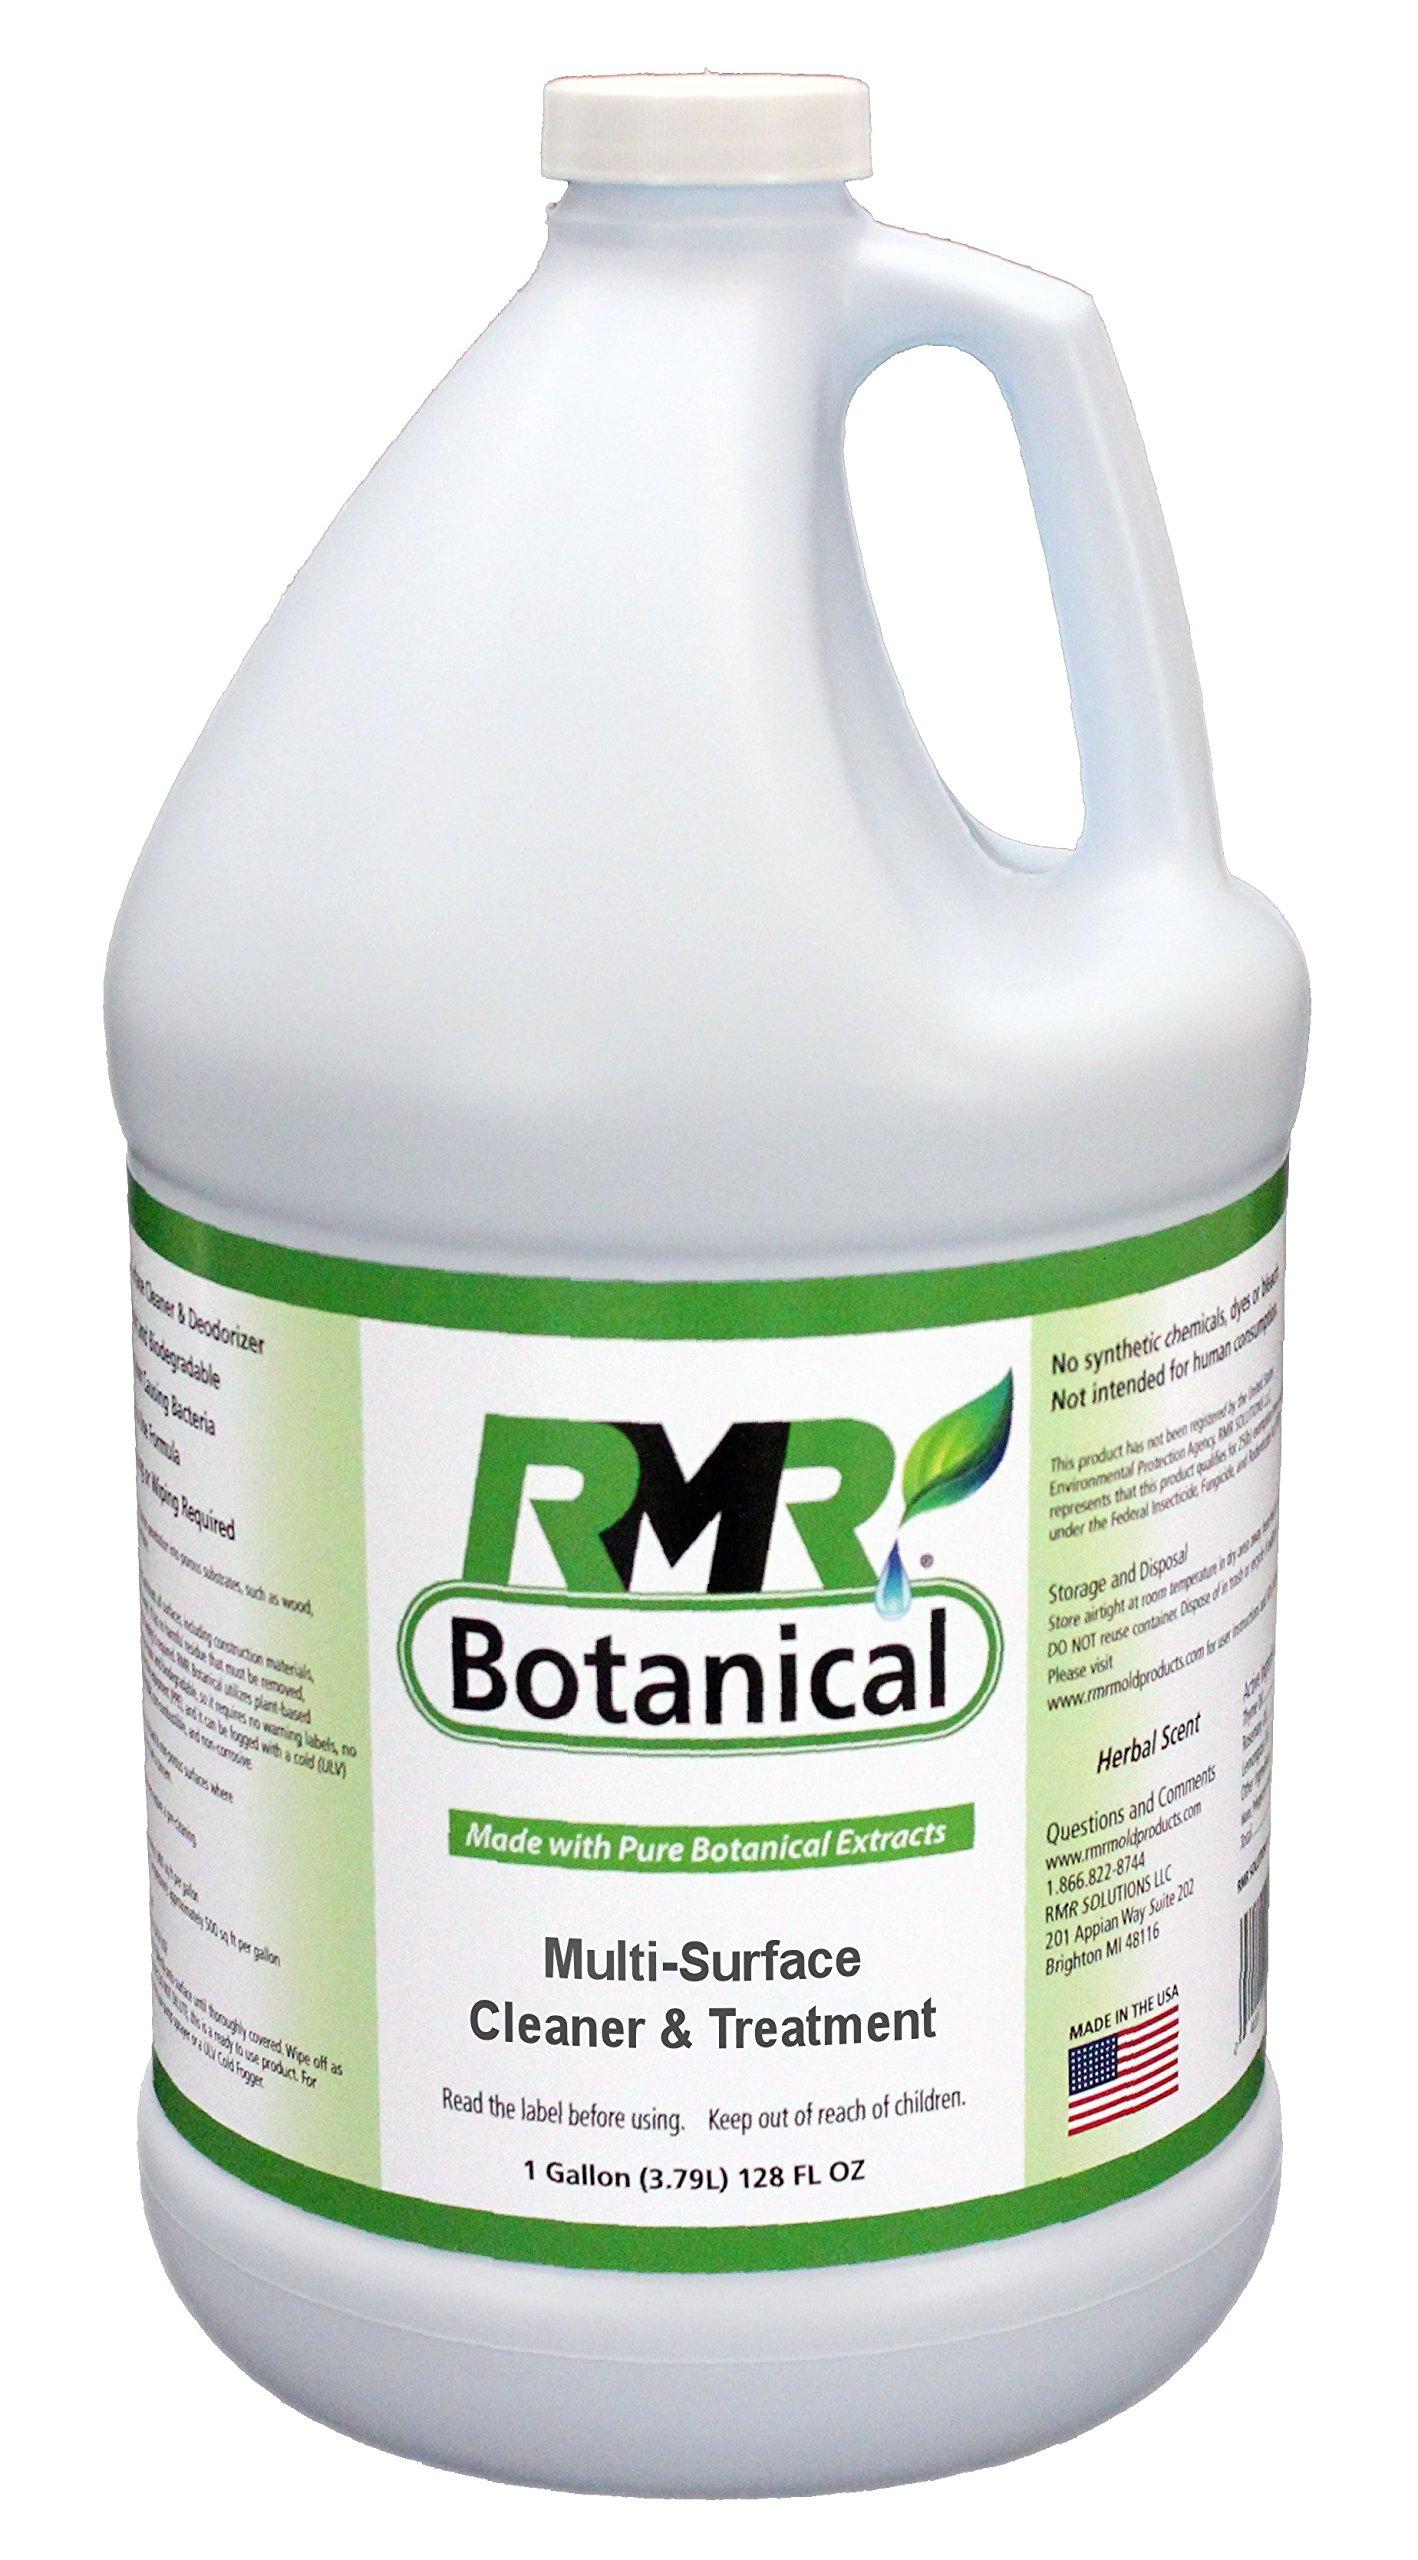 RMR Botanical Cleaner & Treatment Spray (1 Gallon)